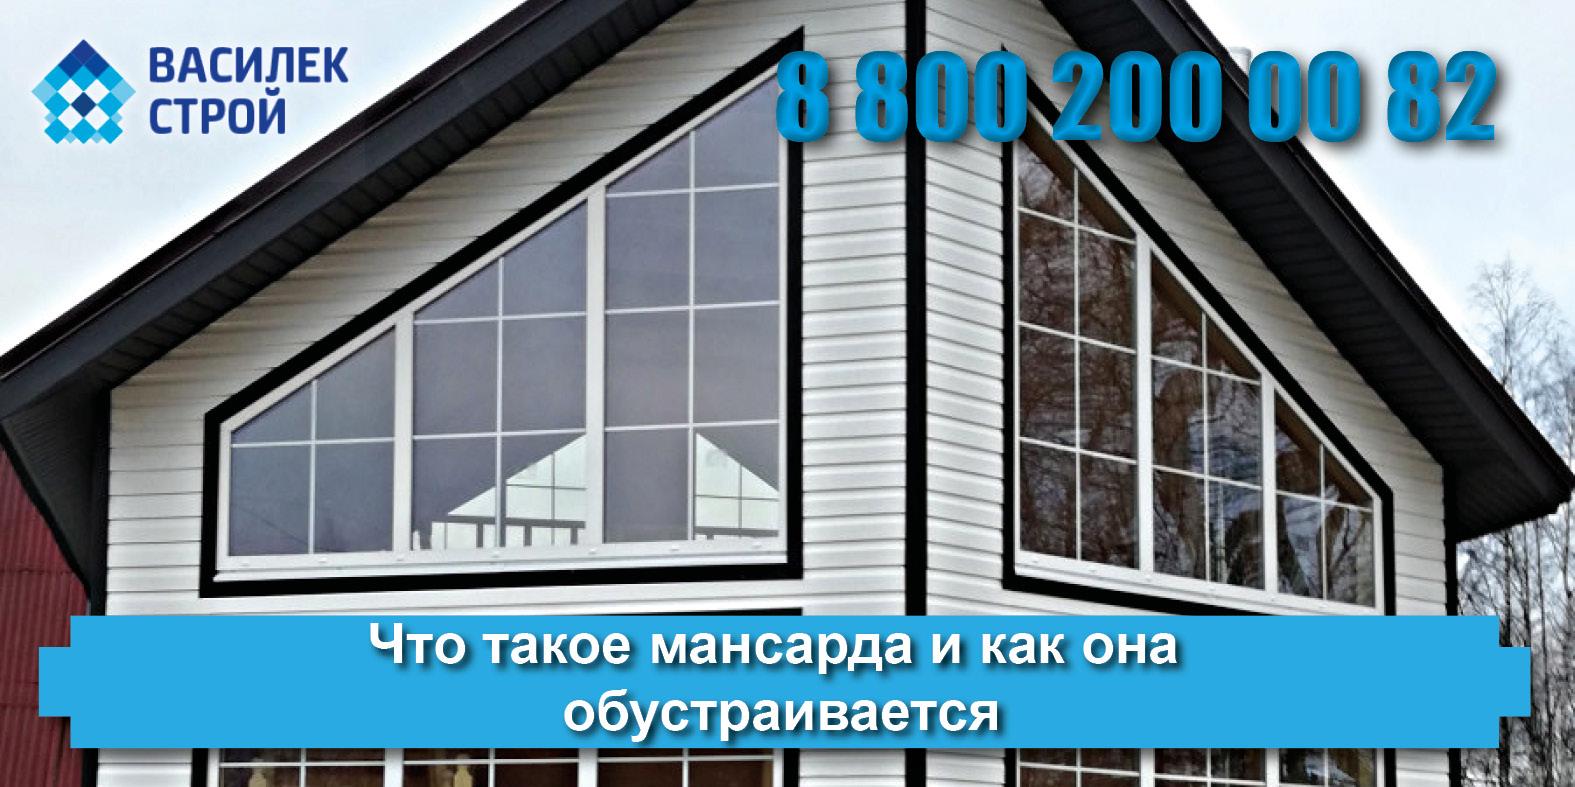 Строим дома из бруса с мансардой: теплоизоляция и звукоизоляция мансарды и кровля мансардного этажа брусового дома